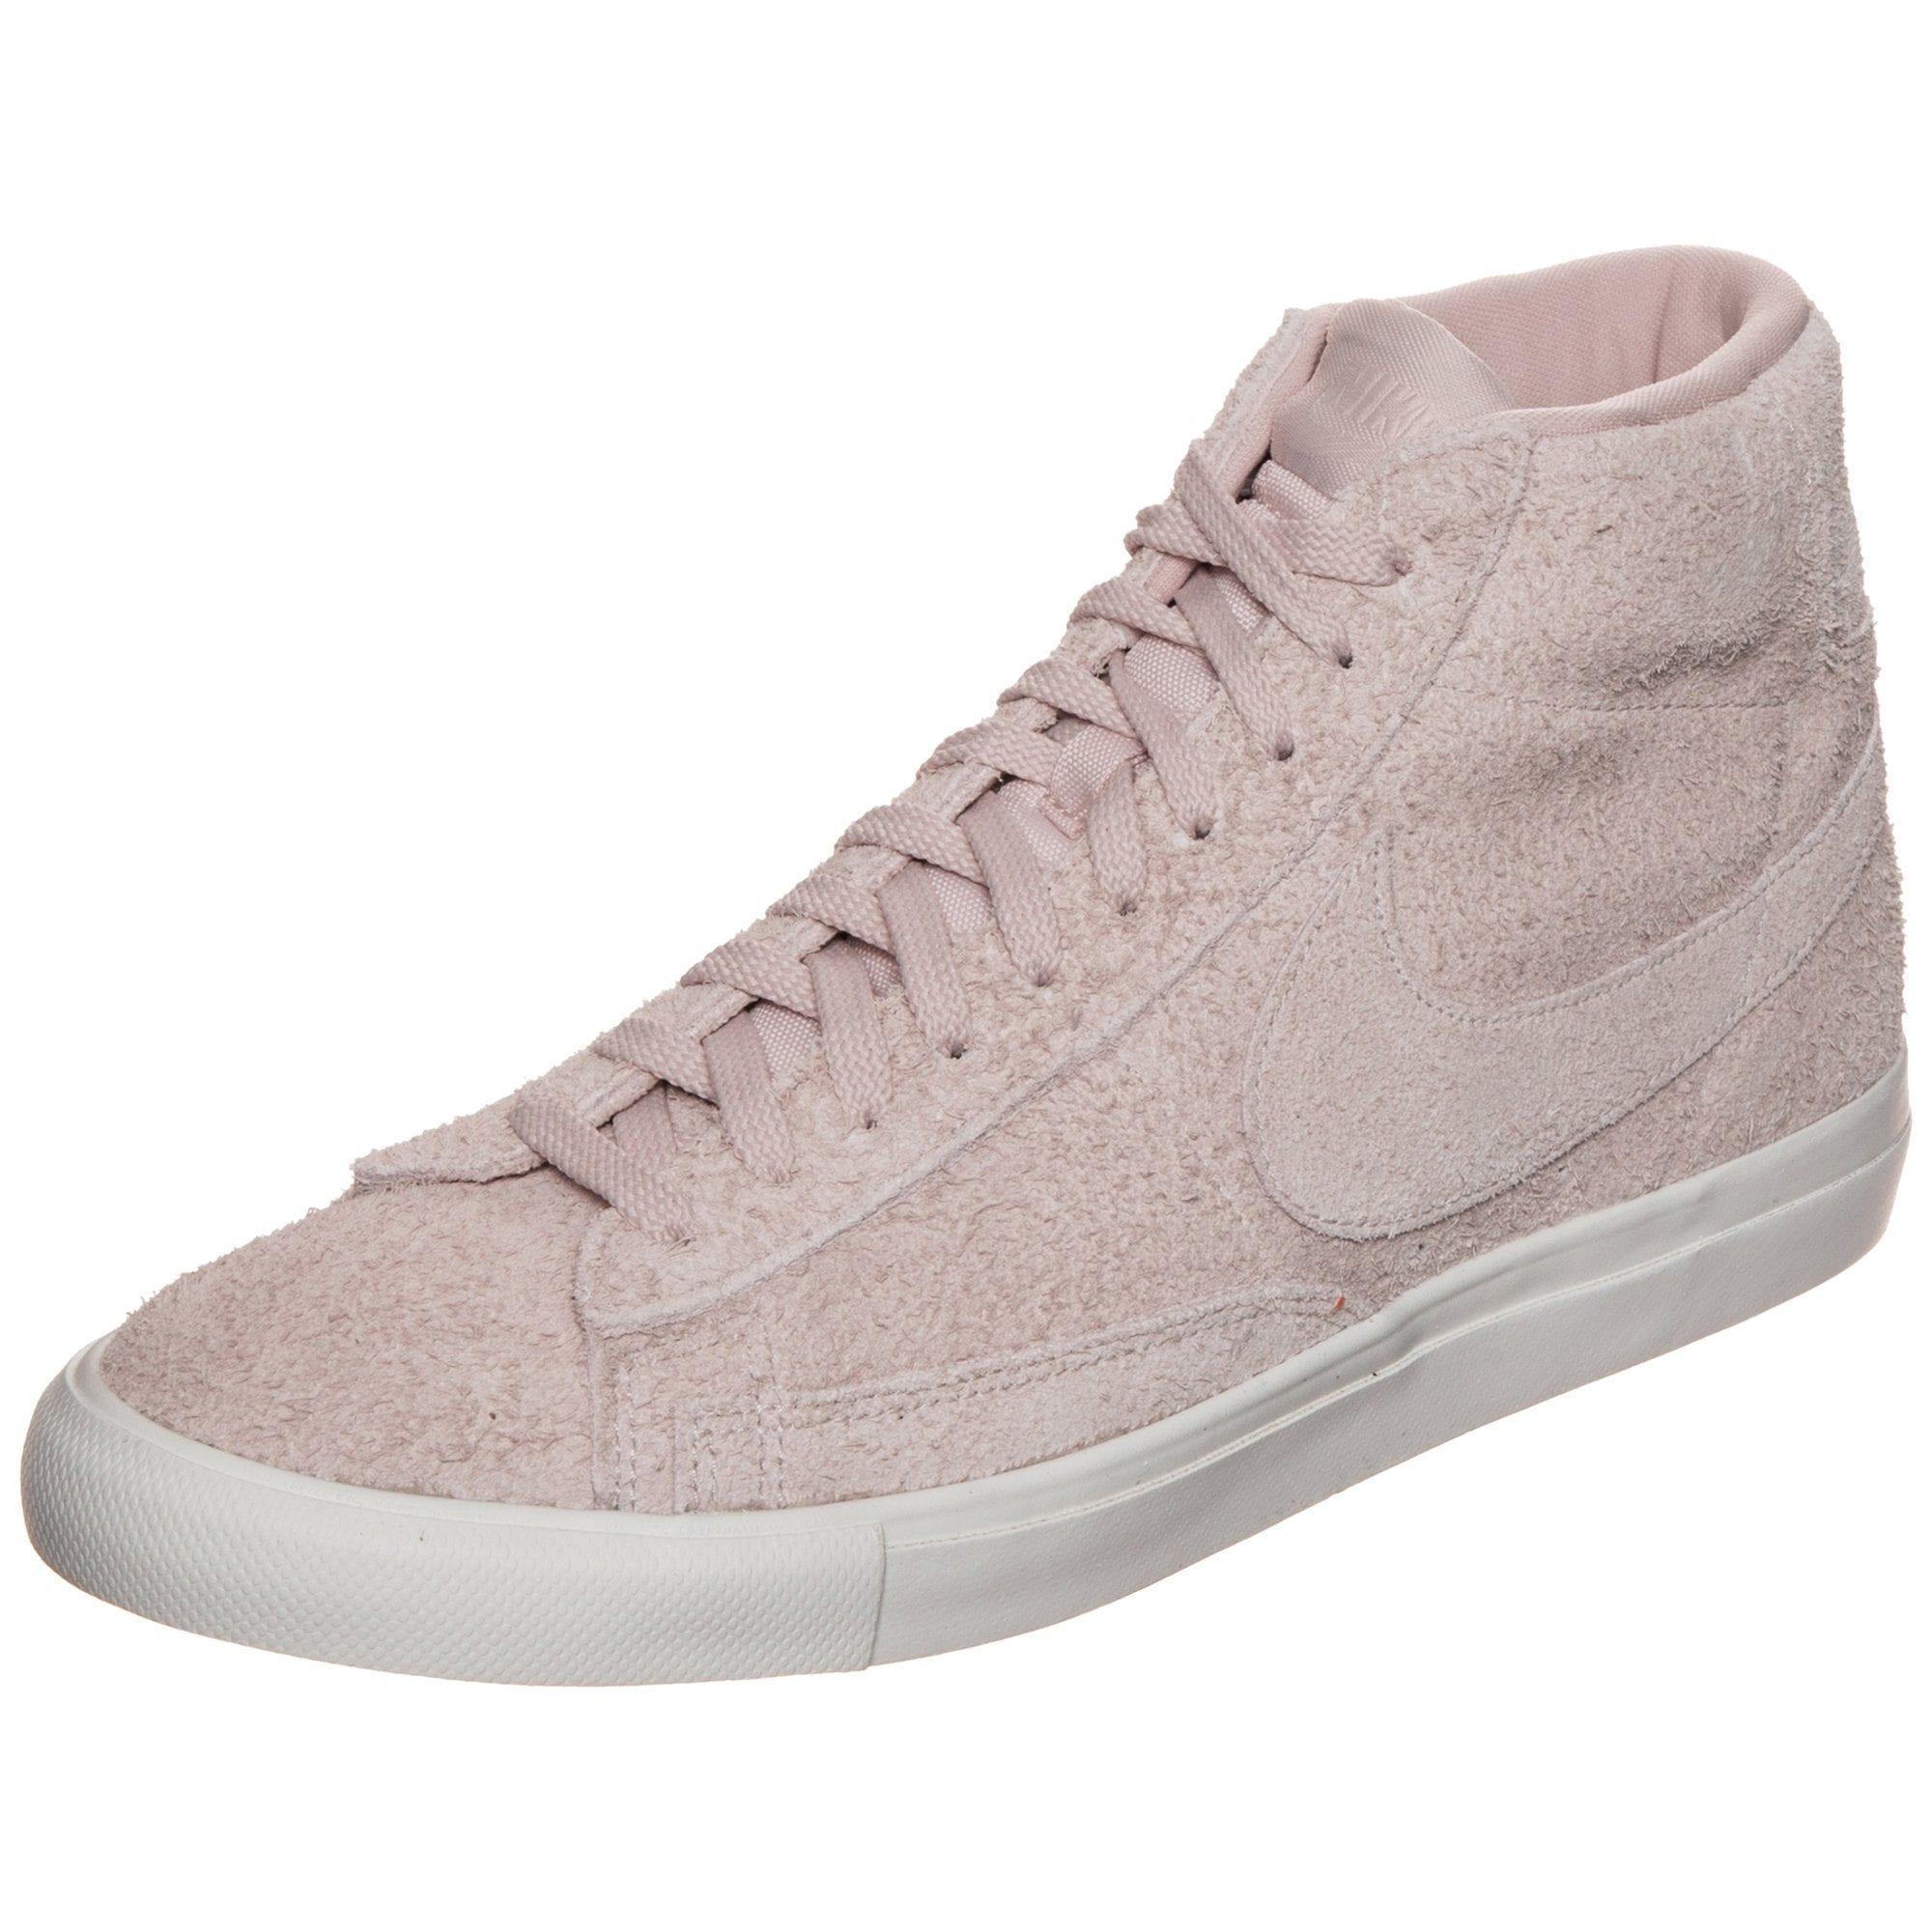 Nike Sportswear Sneaker Sneaker Sneaker Blazer Mid per Rechnung | Gutes Preis-Leistungs-Verhältnis, es lohnt sich 19a4ab